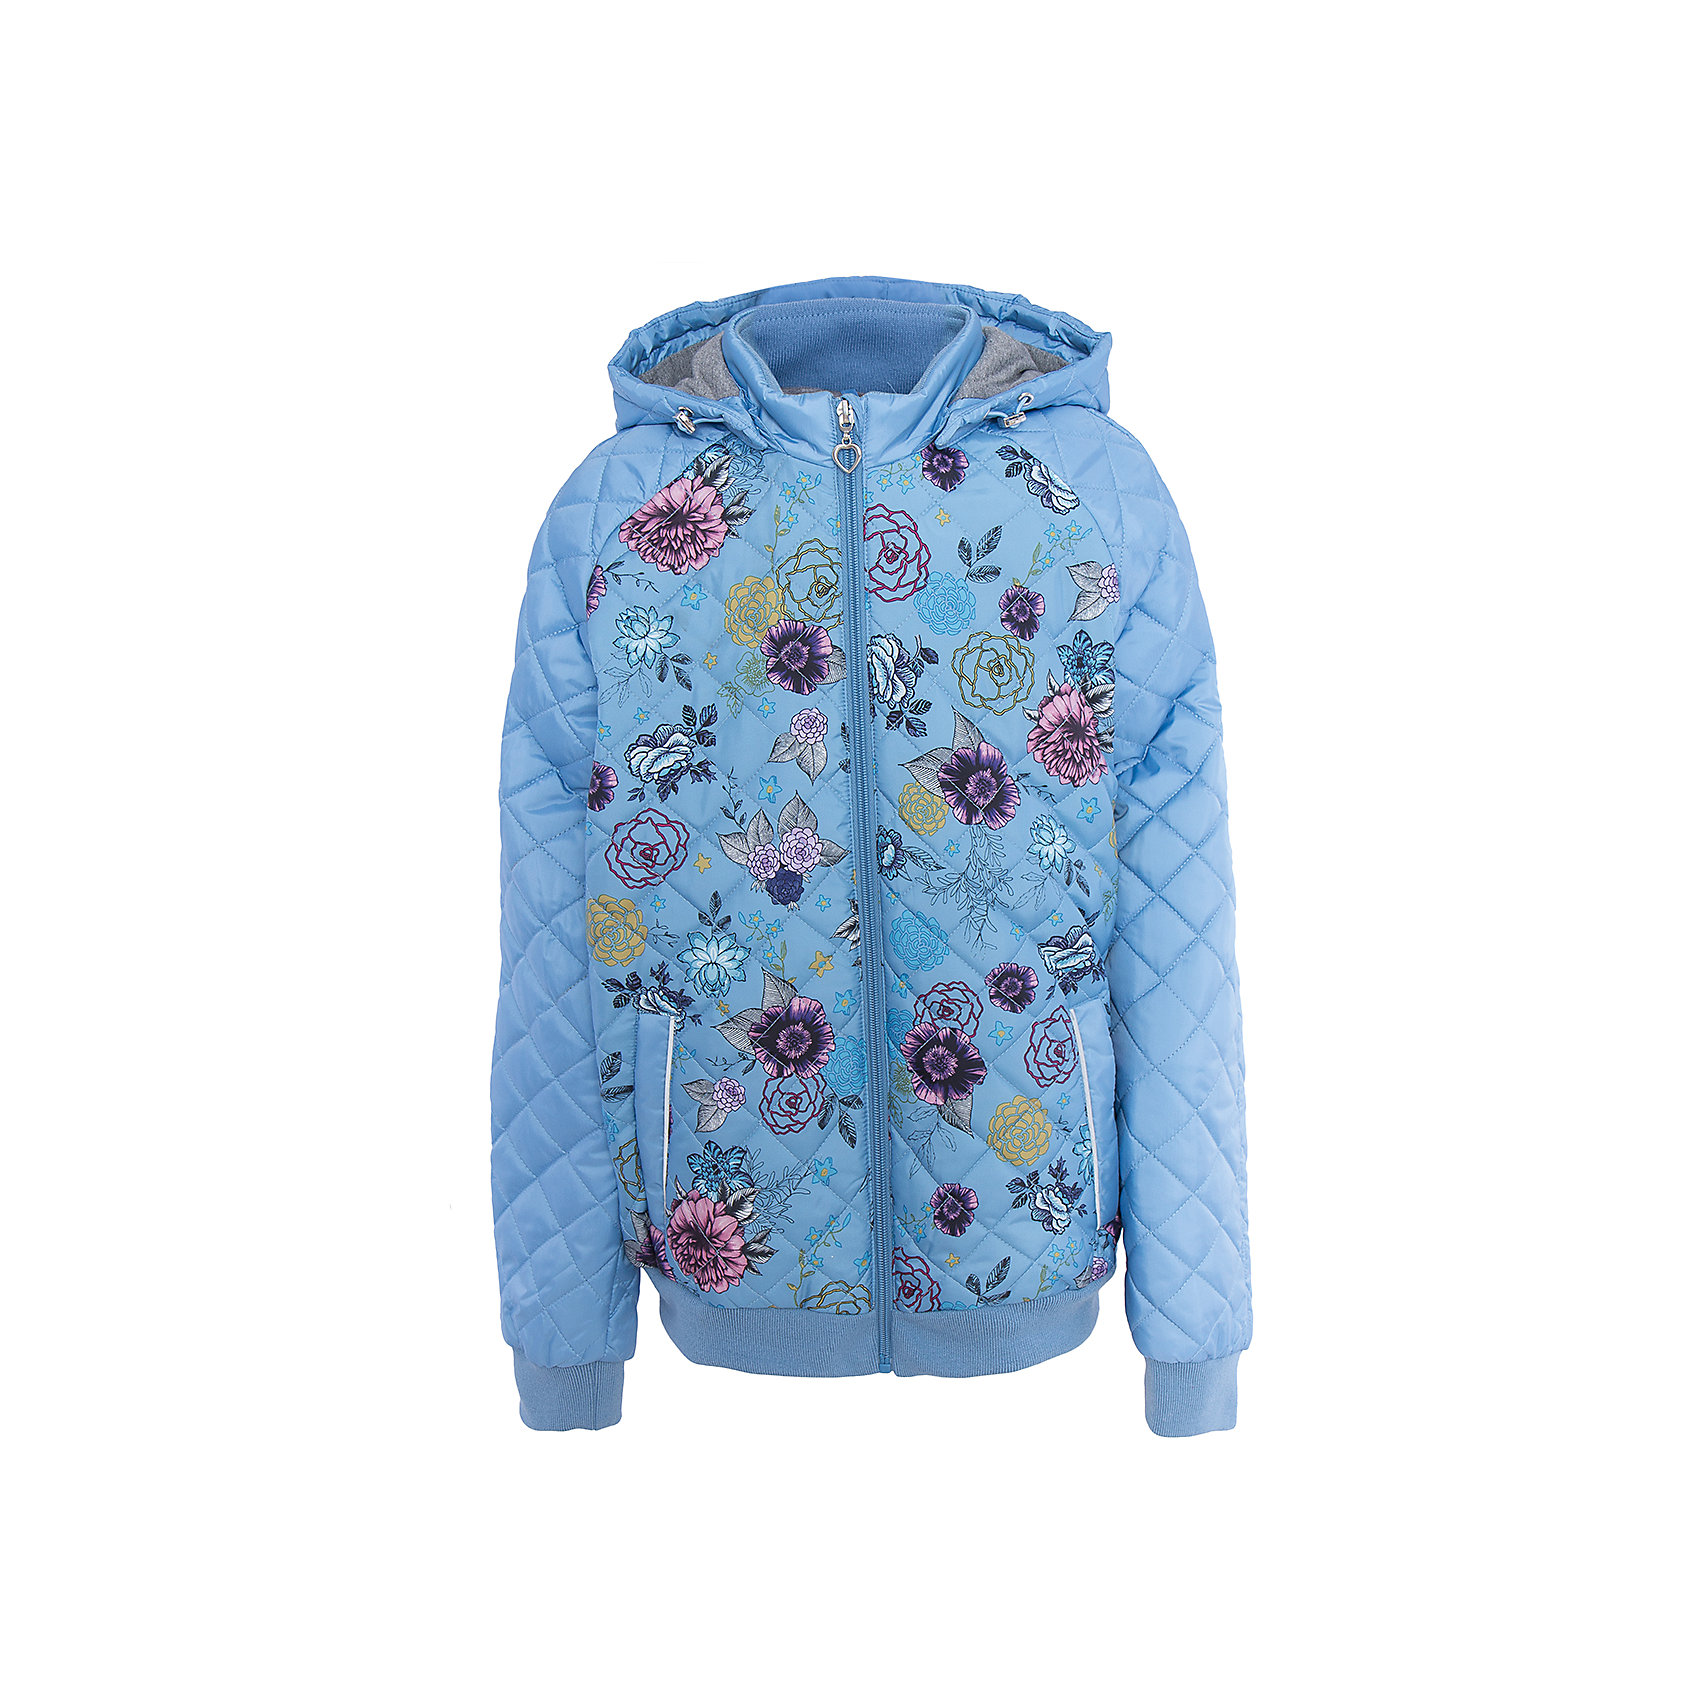 Куртка для девочки SELAВерхняя одежда<br>Характеристики товара:<br><br>• цвет: голубой<br>• состав: 100% полиэстер<br>• температурный режим: от +5°до +15°С<br>• подкладка: текстиль, хлопок<br>• утемлитель: полиэстер<br>• сезон: весна-лето<br>• покрой: полуприлегающий<br>• молния<br>• принт<br>• манжеты<br>• капюшон отстегивается<br>• карманы<br>• коллекция весна-лето 2017<br>• страна бренда: Российская Федерация<br>• страна изготовитель: Китай<br><br>Вещи из новой коллекции SELA продолжают радовать удобством! Легкая куртка для девочки поможет разнообразить гардероб ребенка и обеспечить комфорт. Она отлично сочетается с юбками и брюками. Очень стильно смотрится!<br><br>Одежда, обувь и аксессуары от российского бренда SELA не зря пользуются большой популярностью у детей и взрослых! Модели этой марки - стильные и удобные, цена при этом неизменно остается доступной. Для их производства используются только безопасные, качественные материалы и фурнитура. Новая коллекция поддерживает хорошие традиции бренда! <br><br>Куртку для девочки от популярного бренда SELA (СЕЛА) можно купить в нашем интернет-магазине.<br><br>Ширина мм: 356<br>Глубина мм: 10<br>Высота мм: 245<br>Вес г: 519<br>Цвет: голубой<br>Возраст от месяцев: 108<br>Возраст до месяцев: 120<br>Пол: Женский<br>Возраст: Детский<br>Размер: 140,128,116,152<br>SKU: 5305108